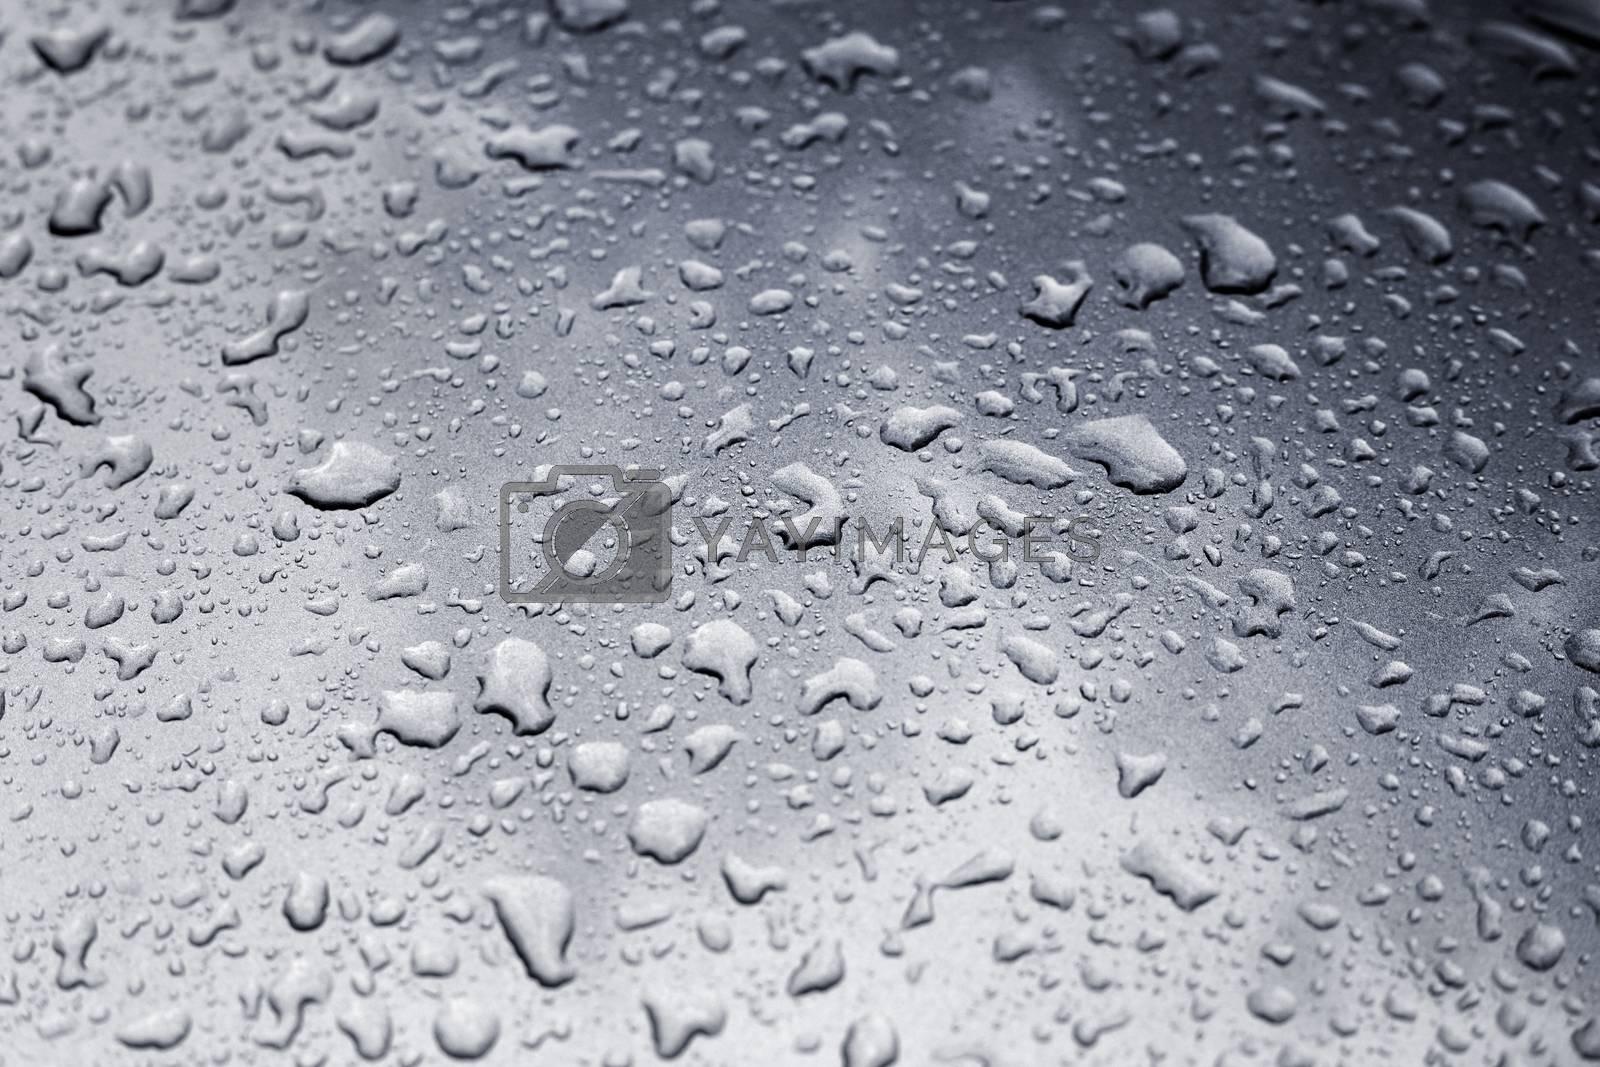 Wet metal. Drops of water. Water texture